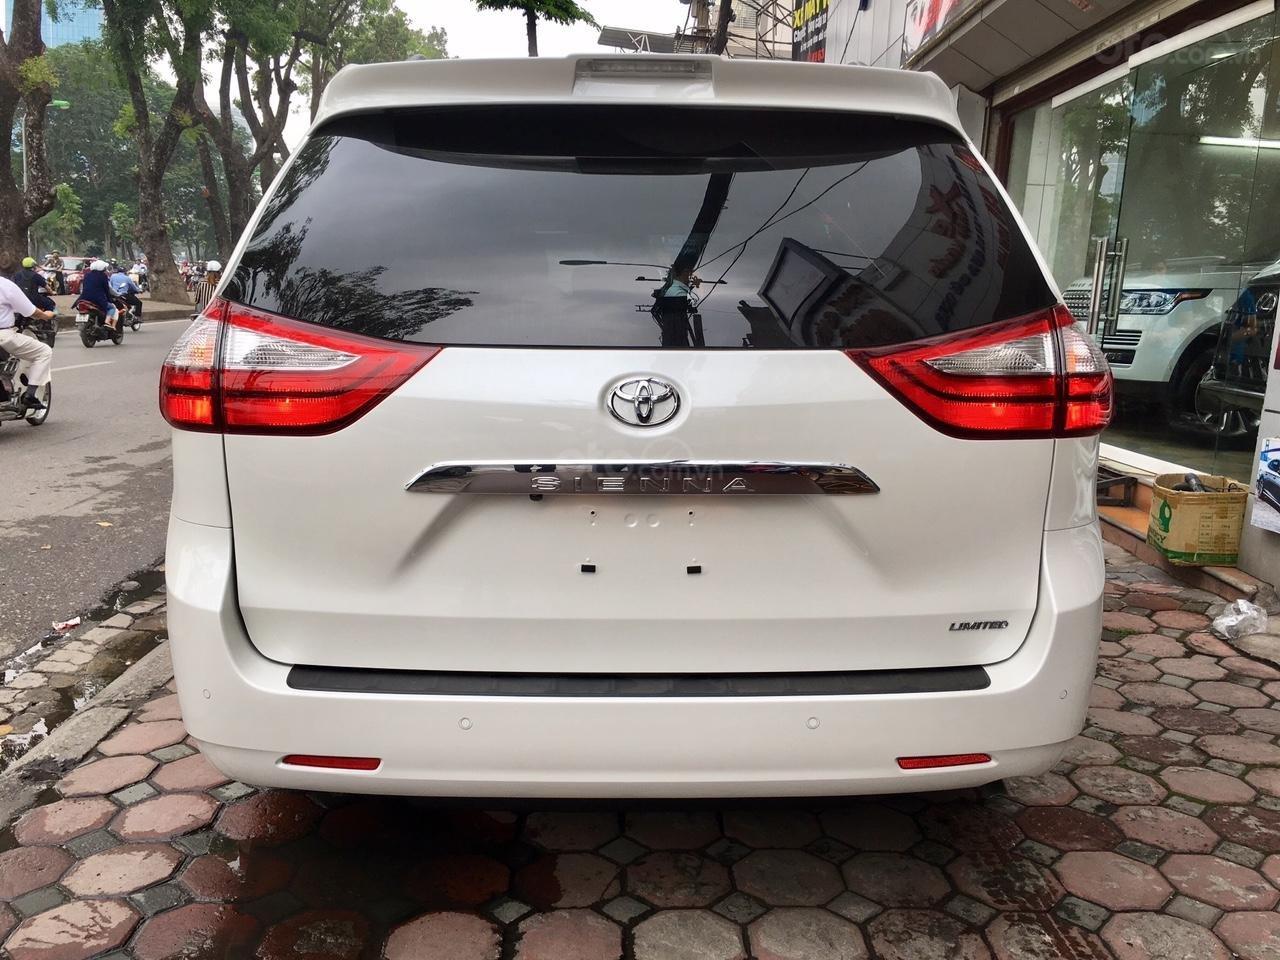 Bán Toyota Sienna Limited 2020 bản 1 cầu, giá tốt, nhập Mỹ giao ngay toàn quốc- LH 0945.39.2468 Ms Hương (25)